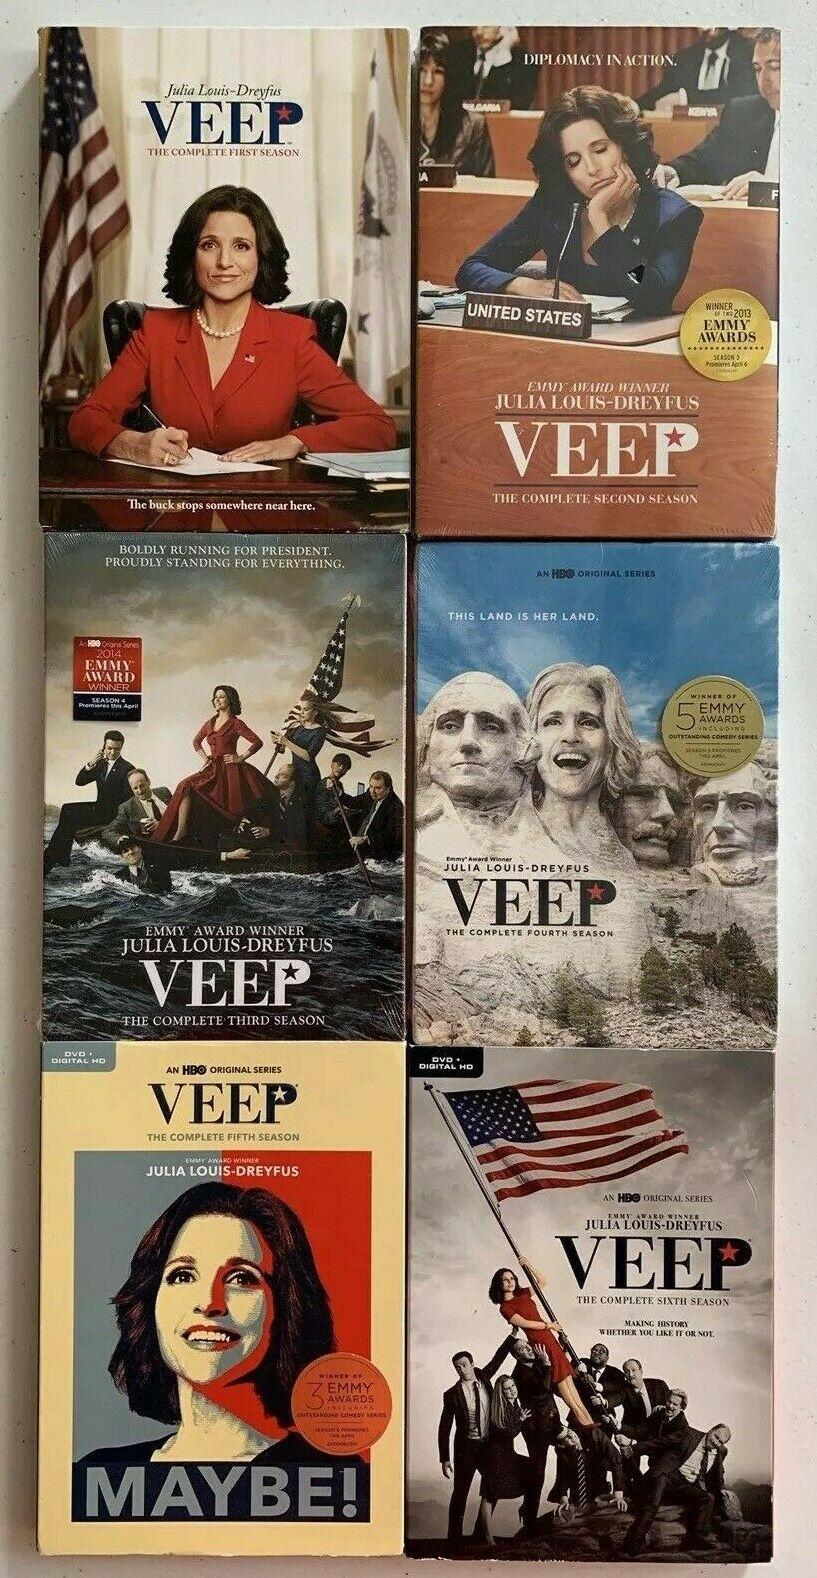 Veep The Complete Series Seasons 1-6 [DVD Sets New]  Julia Louis-Dreyfus